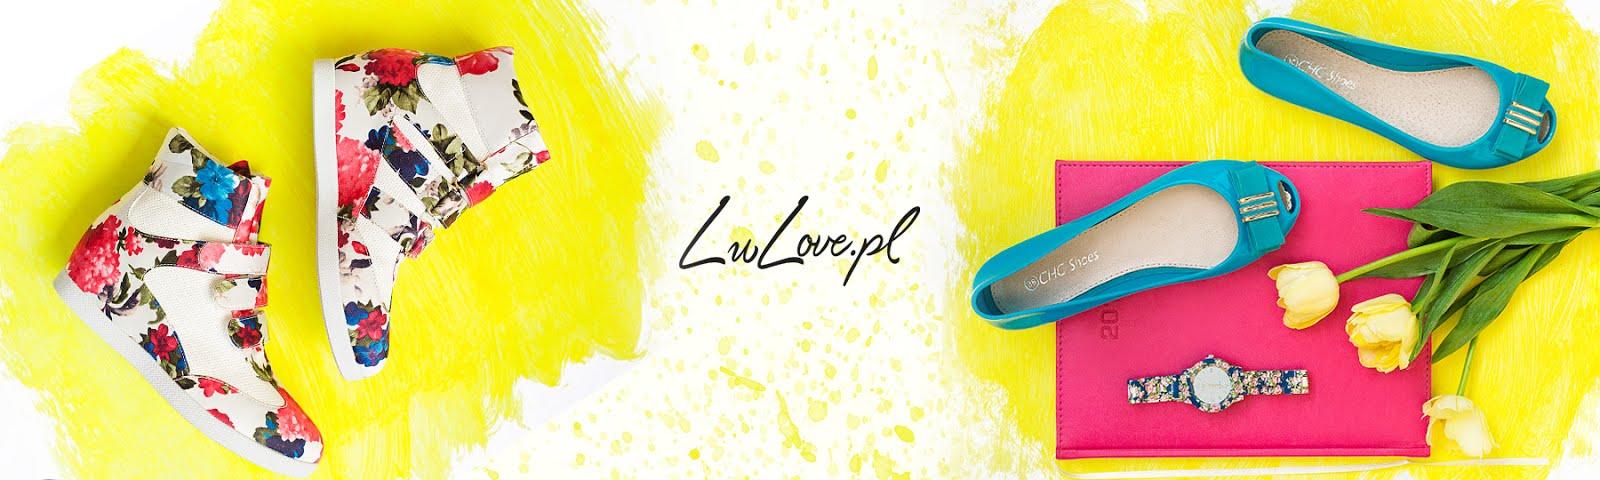 LuLove